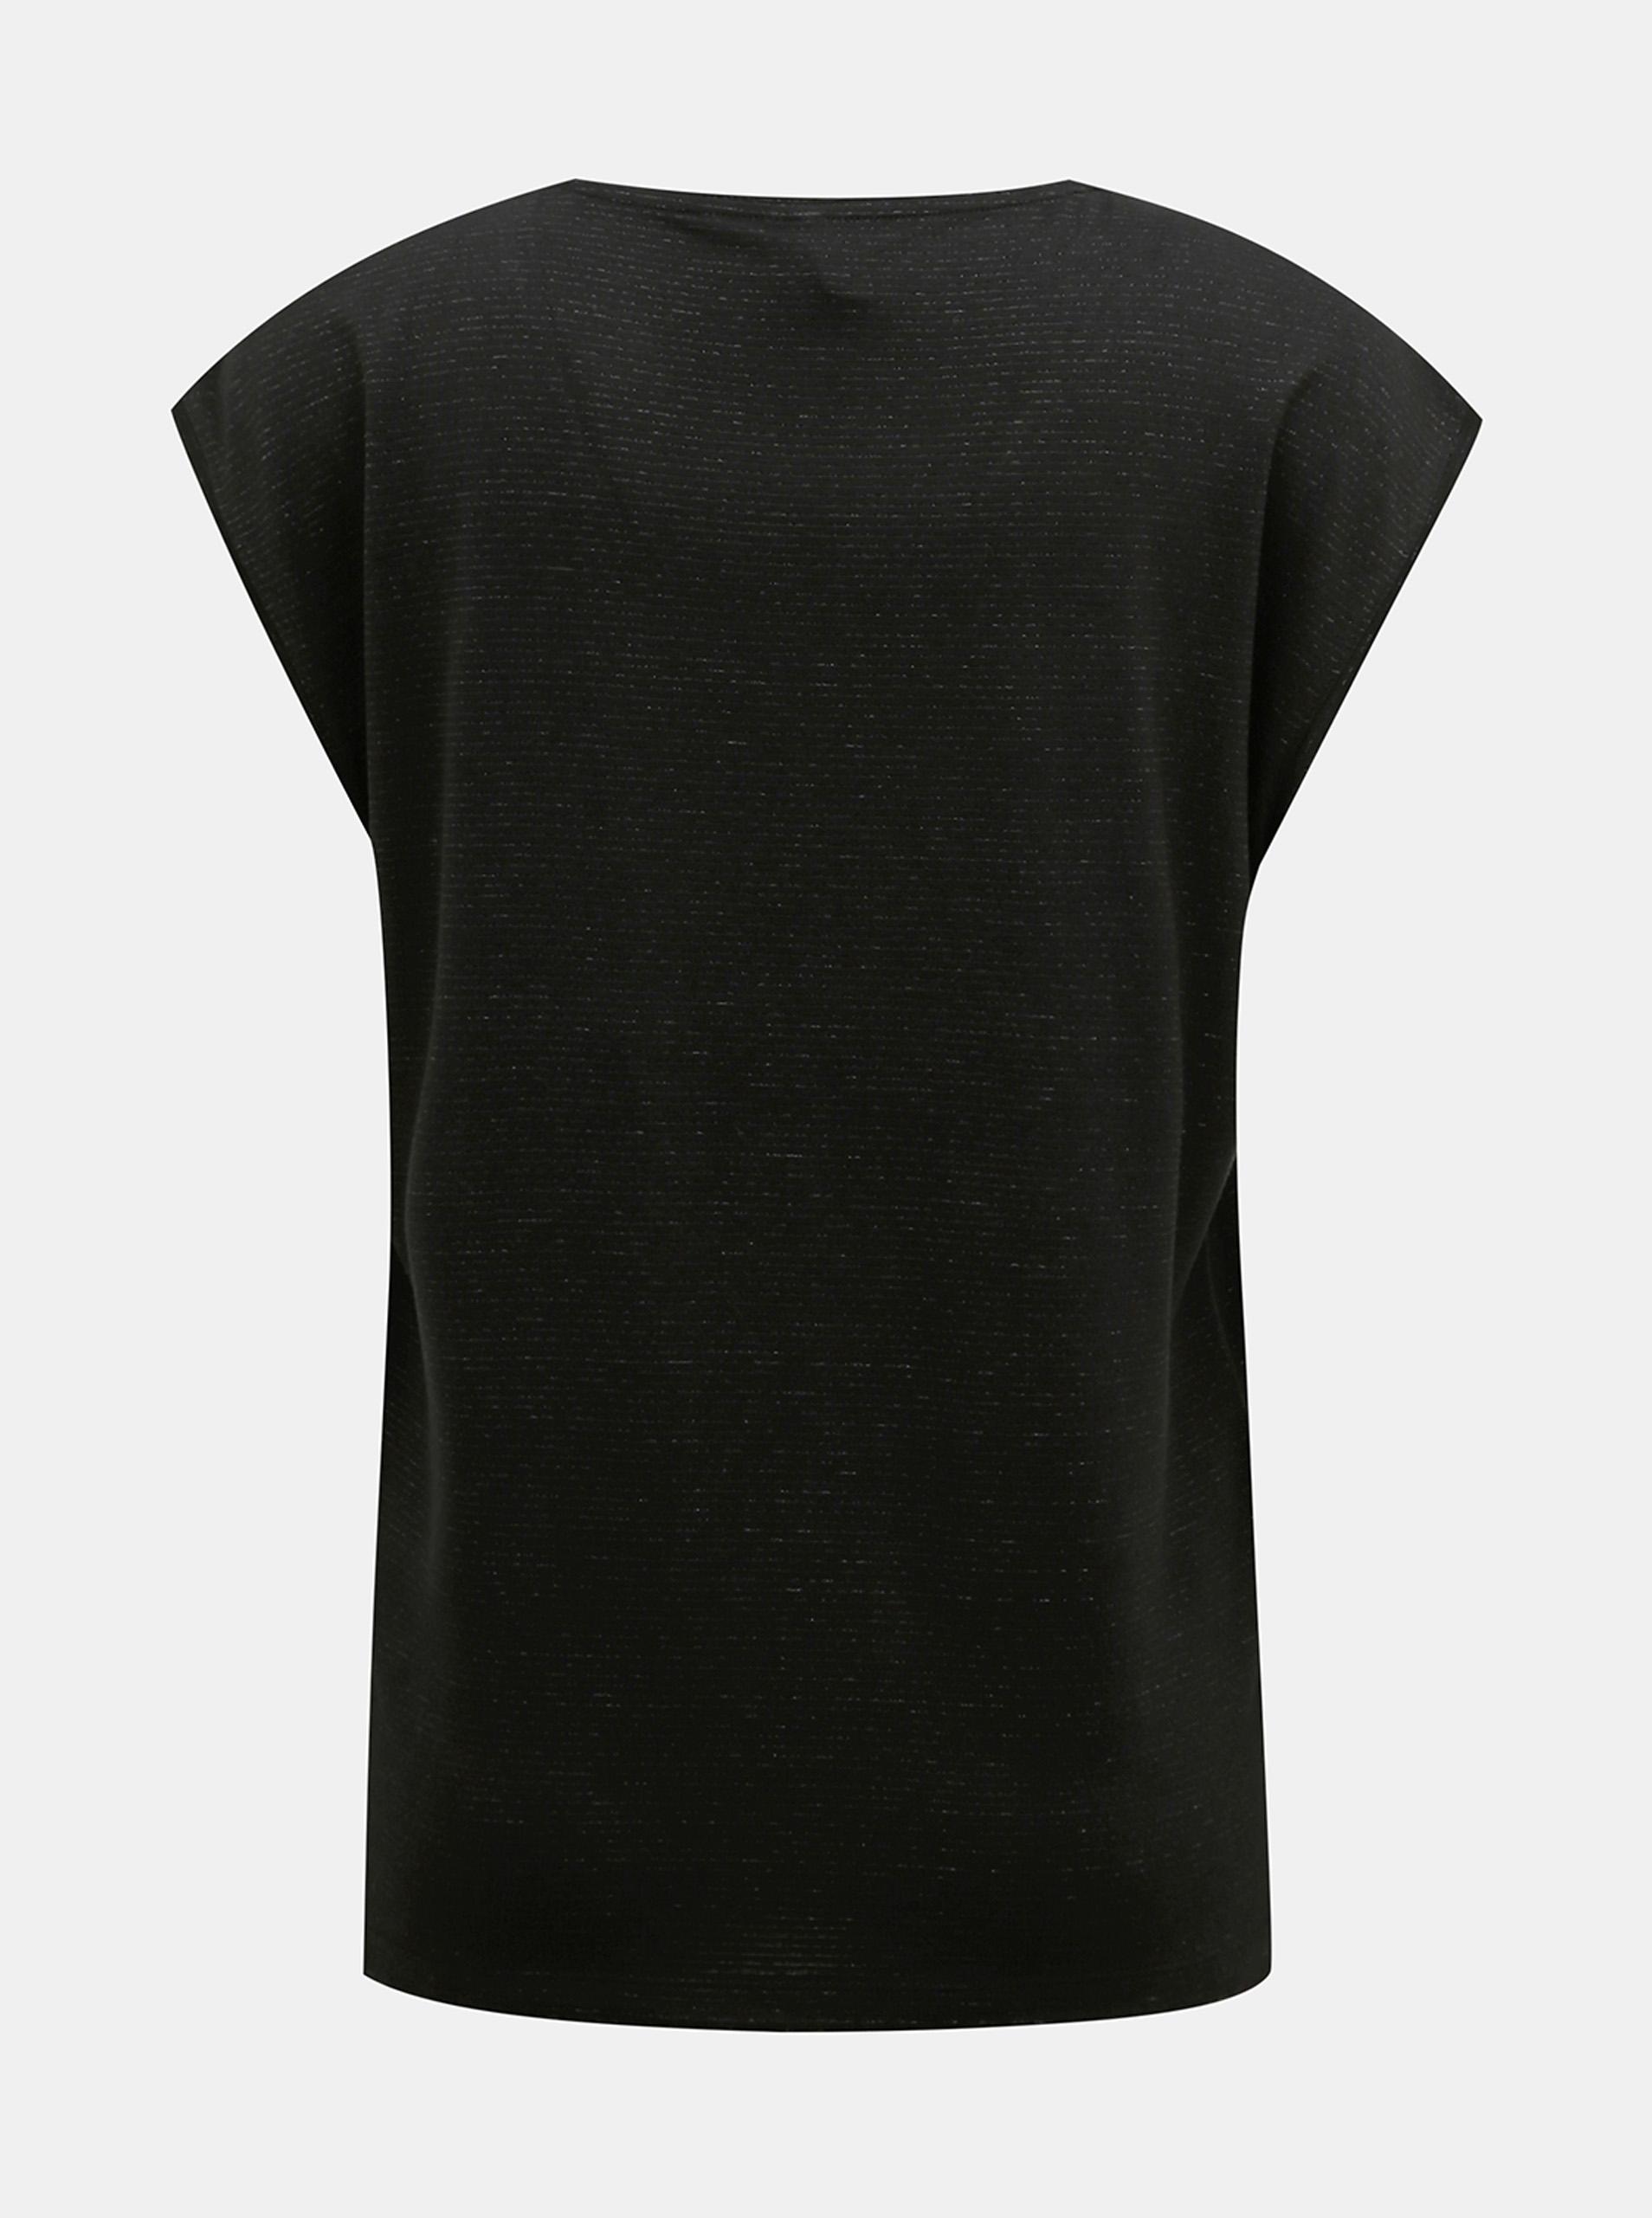 Čierne tričko s metalickými vláknami Pieces